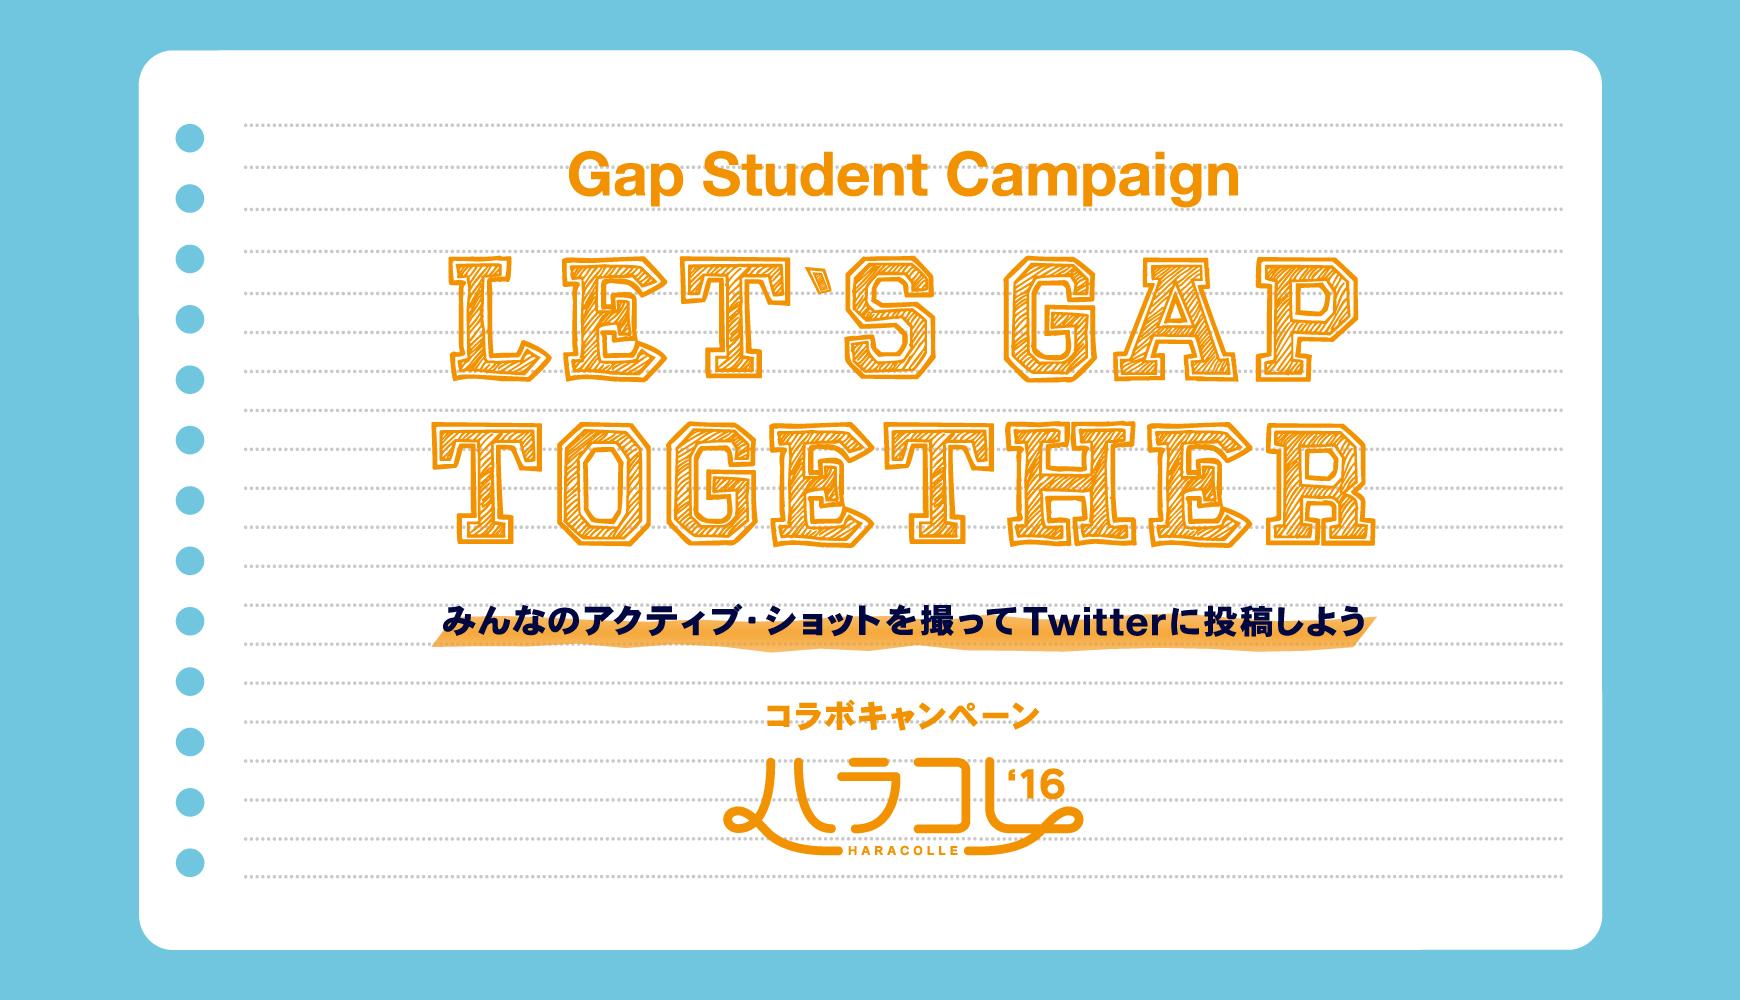 ハラコレバックステージ招待が当たる♪ 「Gap STUDENT CAMPAIGN」がスタート! 柴田ひかり、古関れん、菅沼ゆりが参加